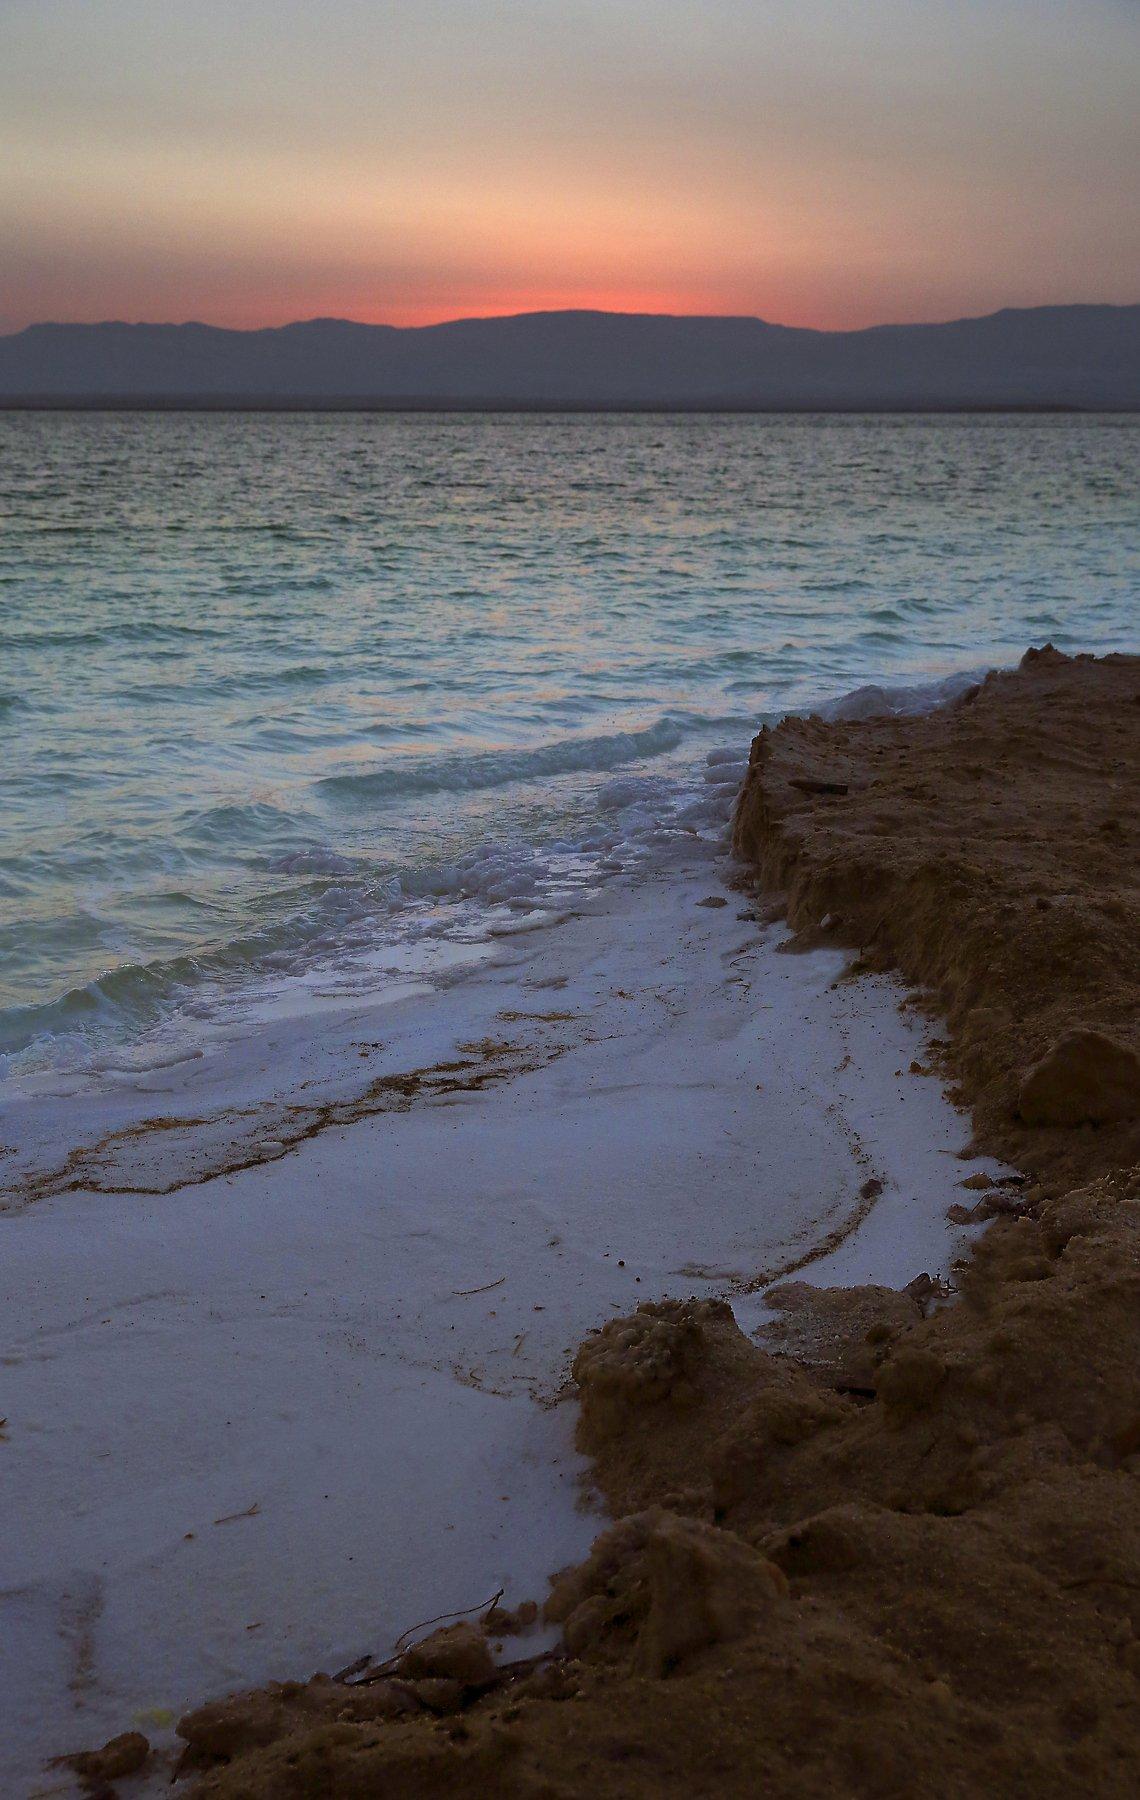 Израиль, мертвое море, рассвет, troofel